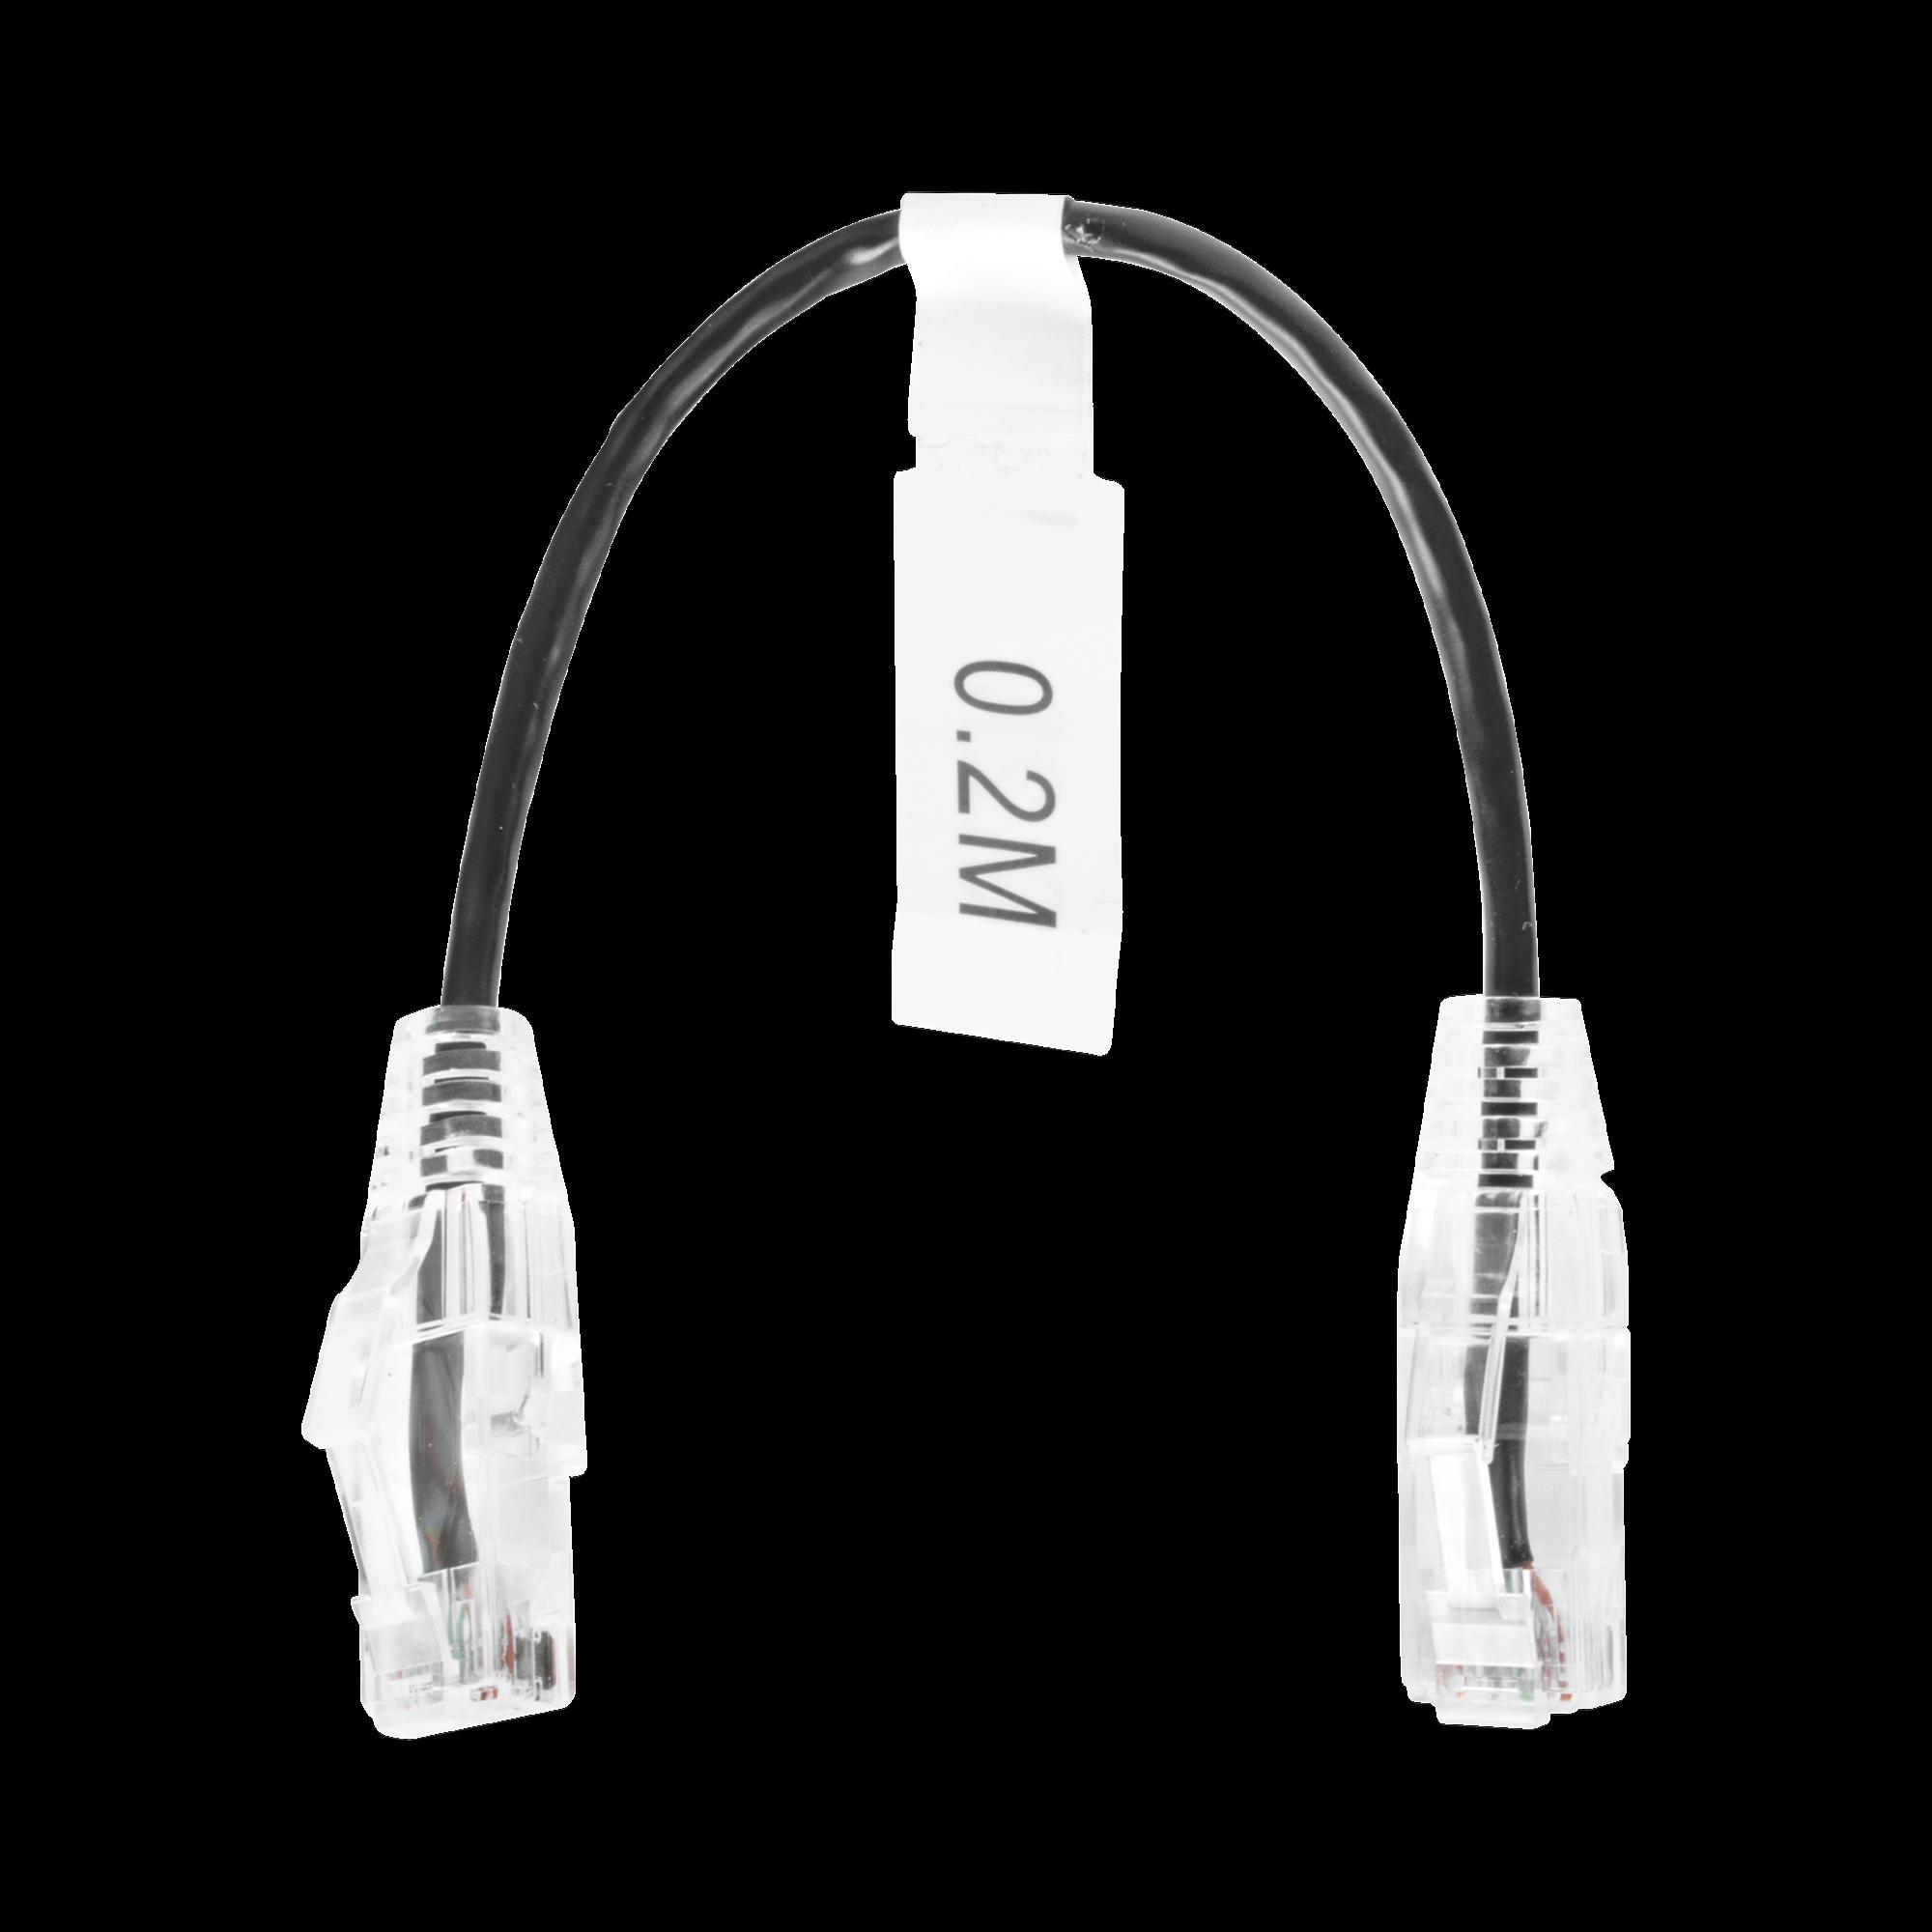 Cable de Parcheo Slim UTP Cat6 - 20 cm Negro Diámetro Reducido (28 AWG)